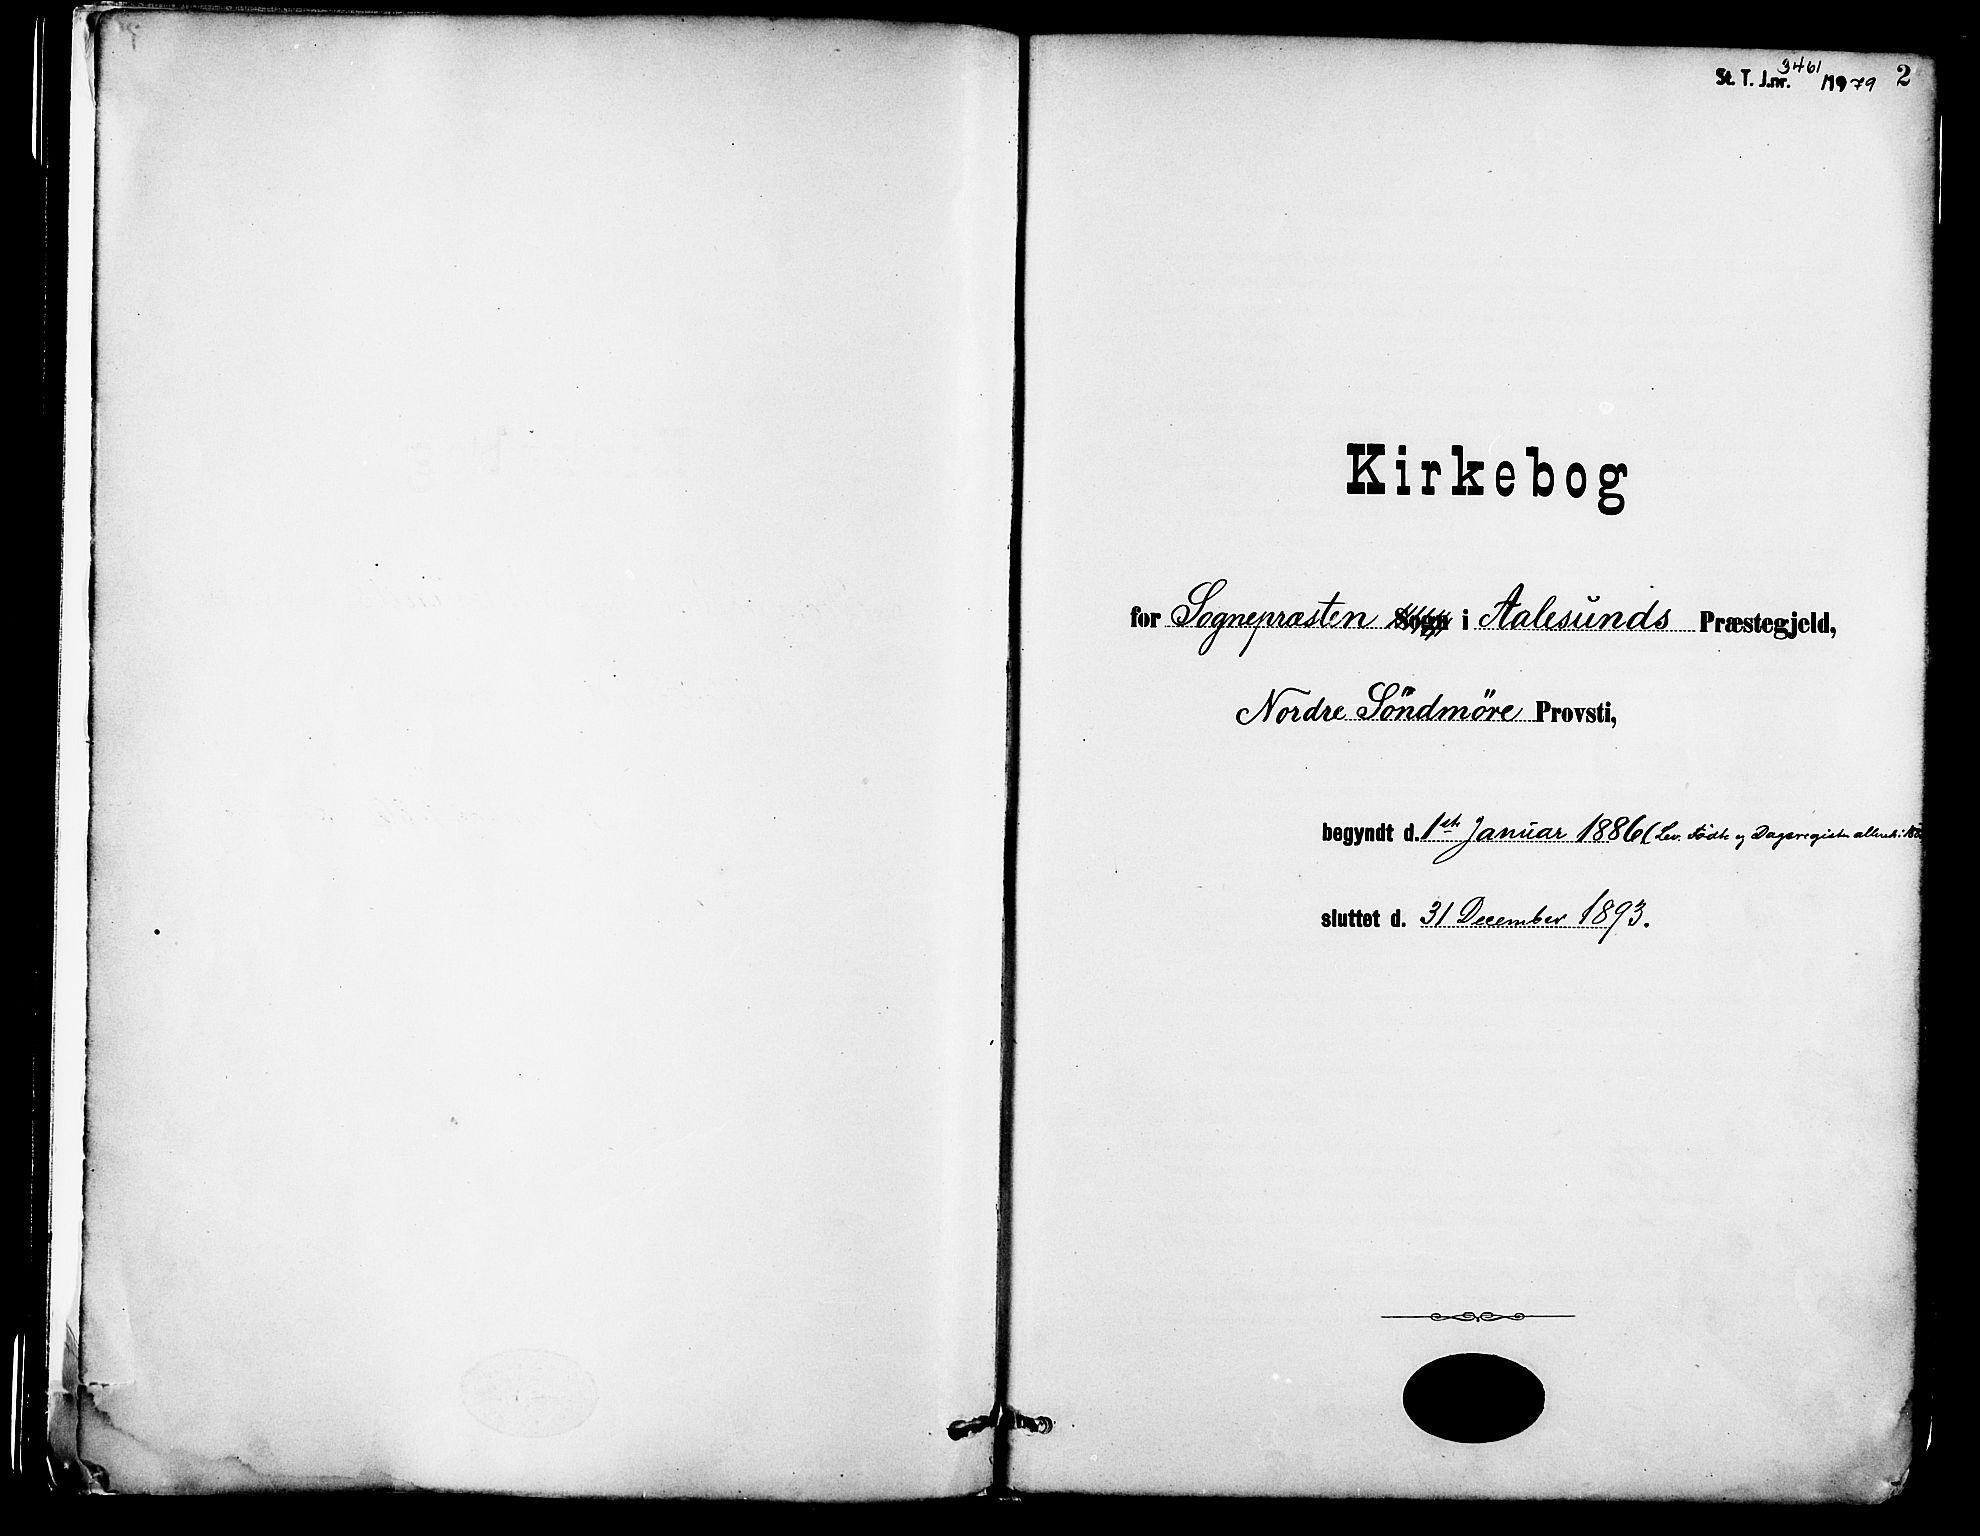 SAT, Ministerialprotokoller, klokkerbøker og fødselsregistre - Møre og Romsdal, 529/L0455: Ministerialbok nr. 529A05, 1885-1893, s. 2